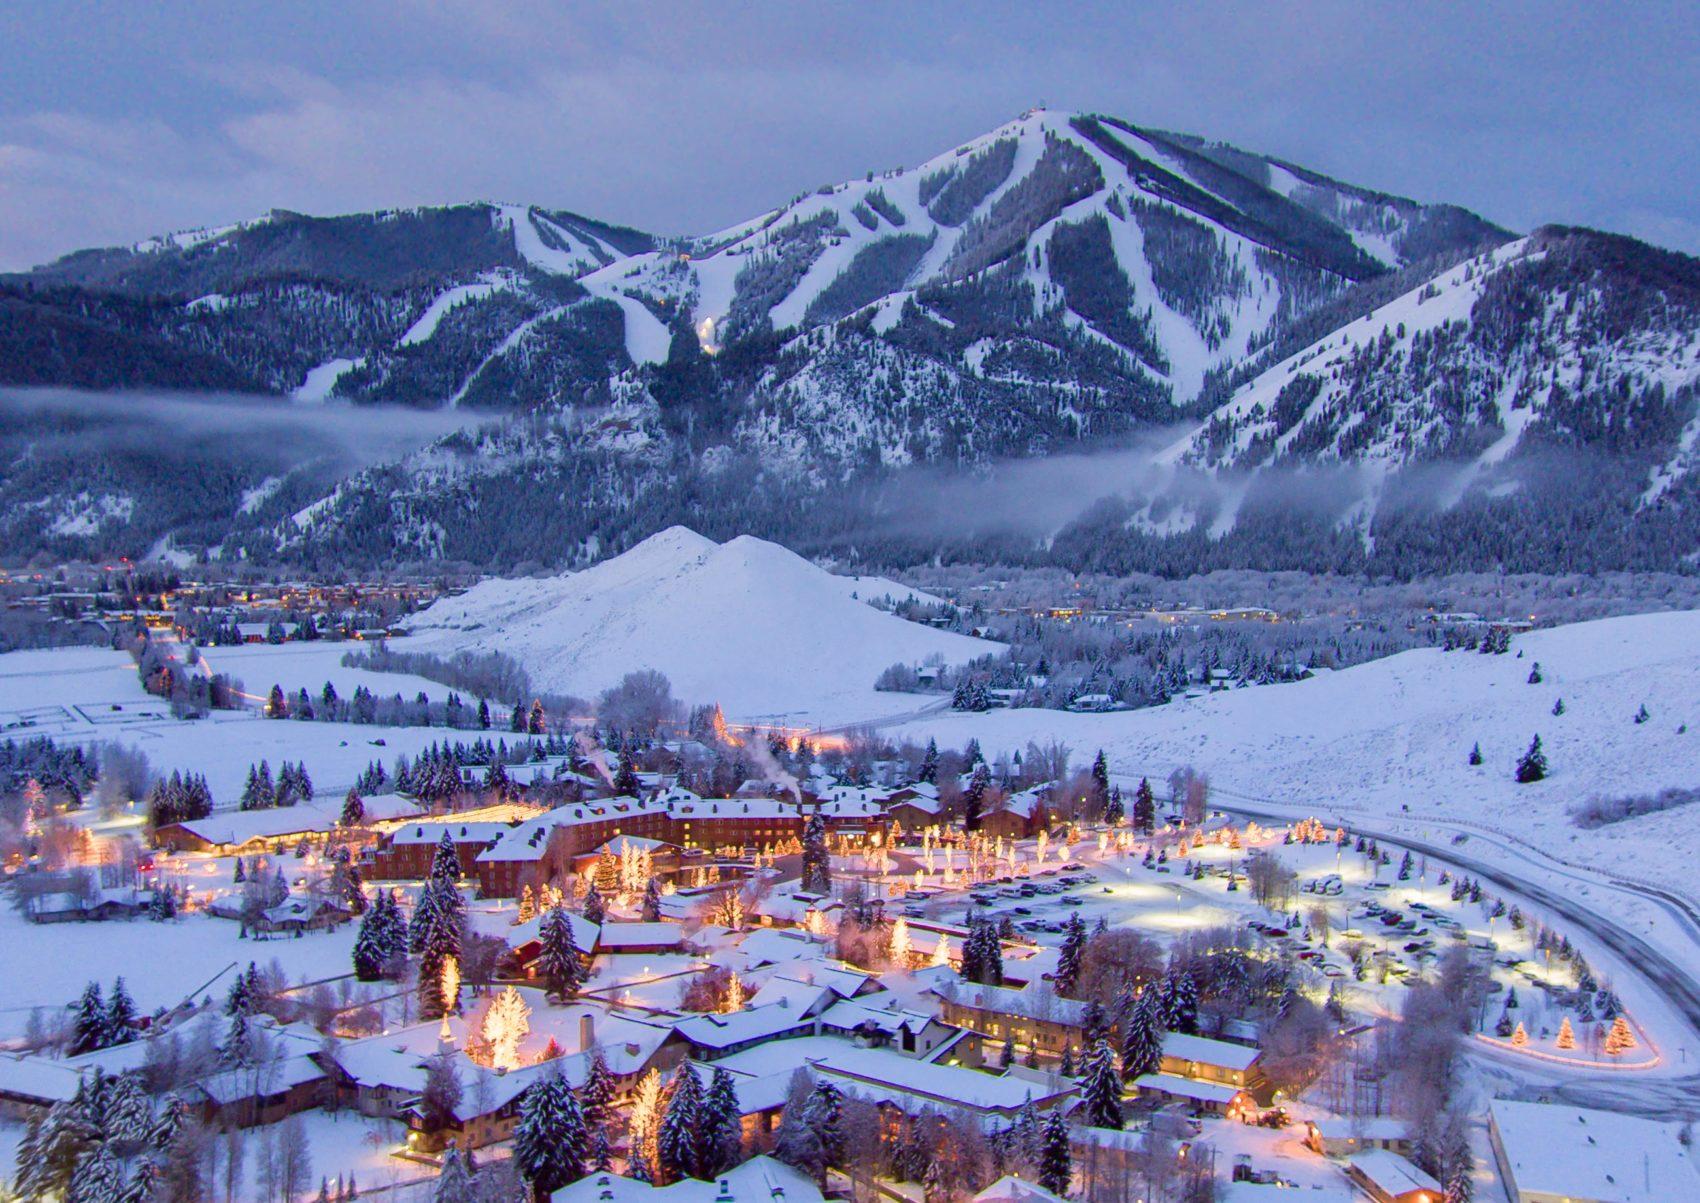 Sun Valley Resort, Idaho 2019-20 Winter Season Passes On